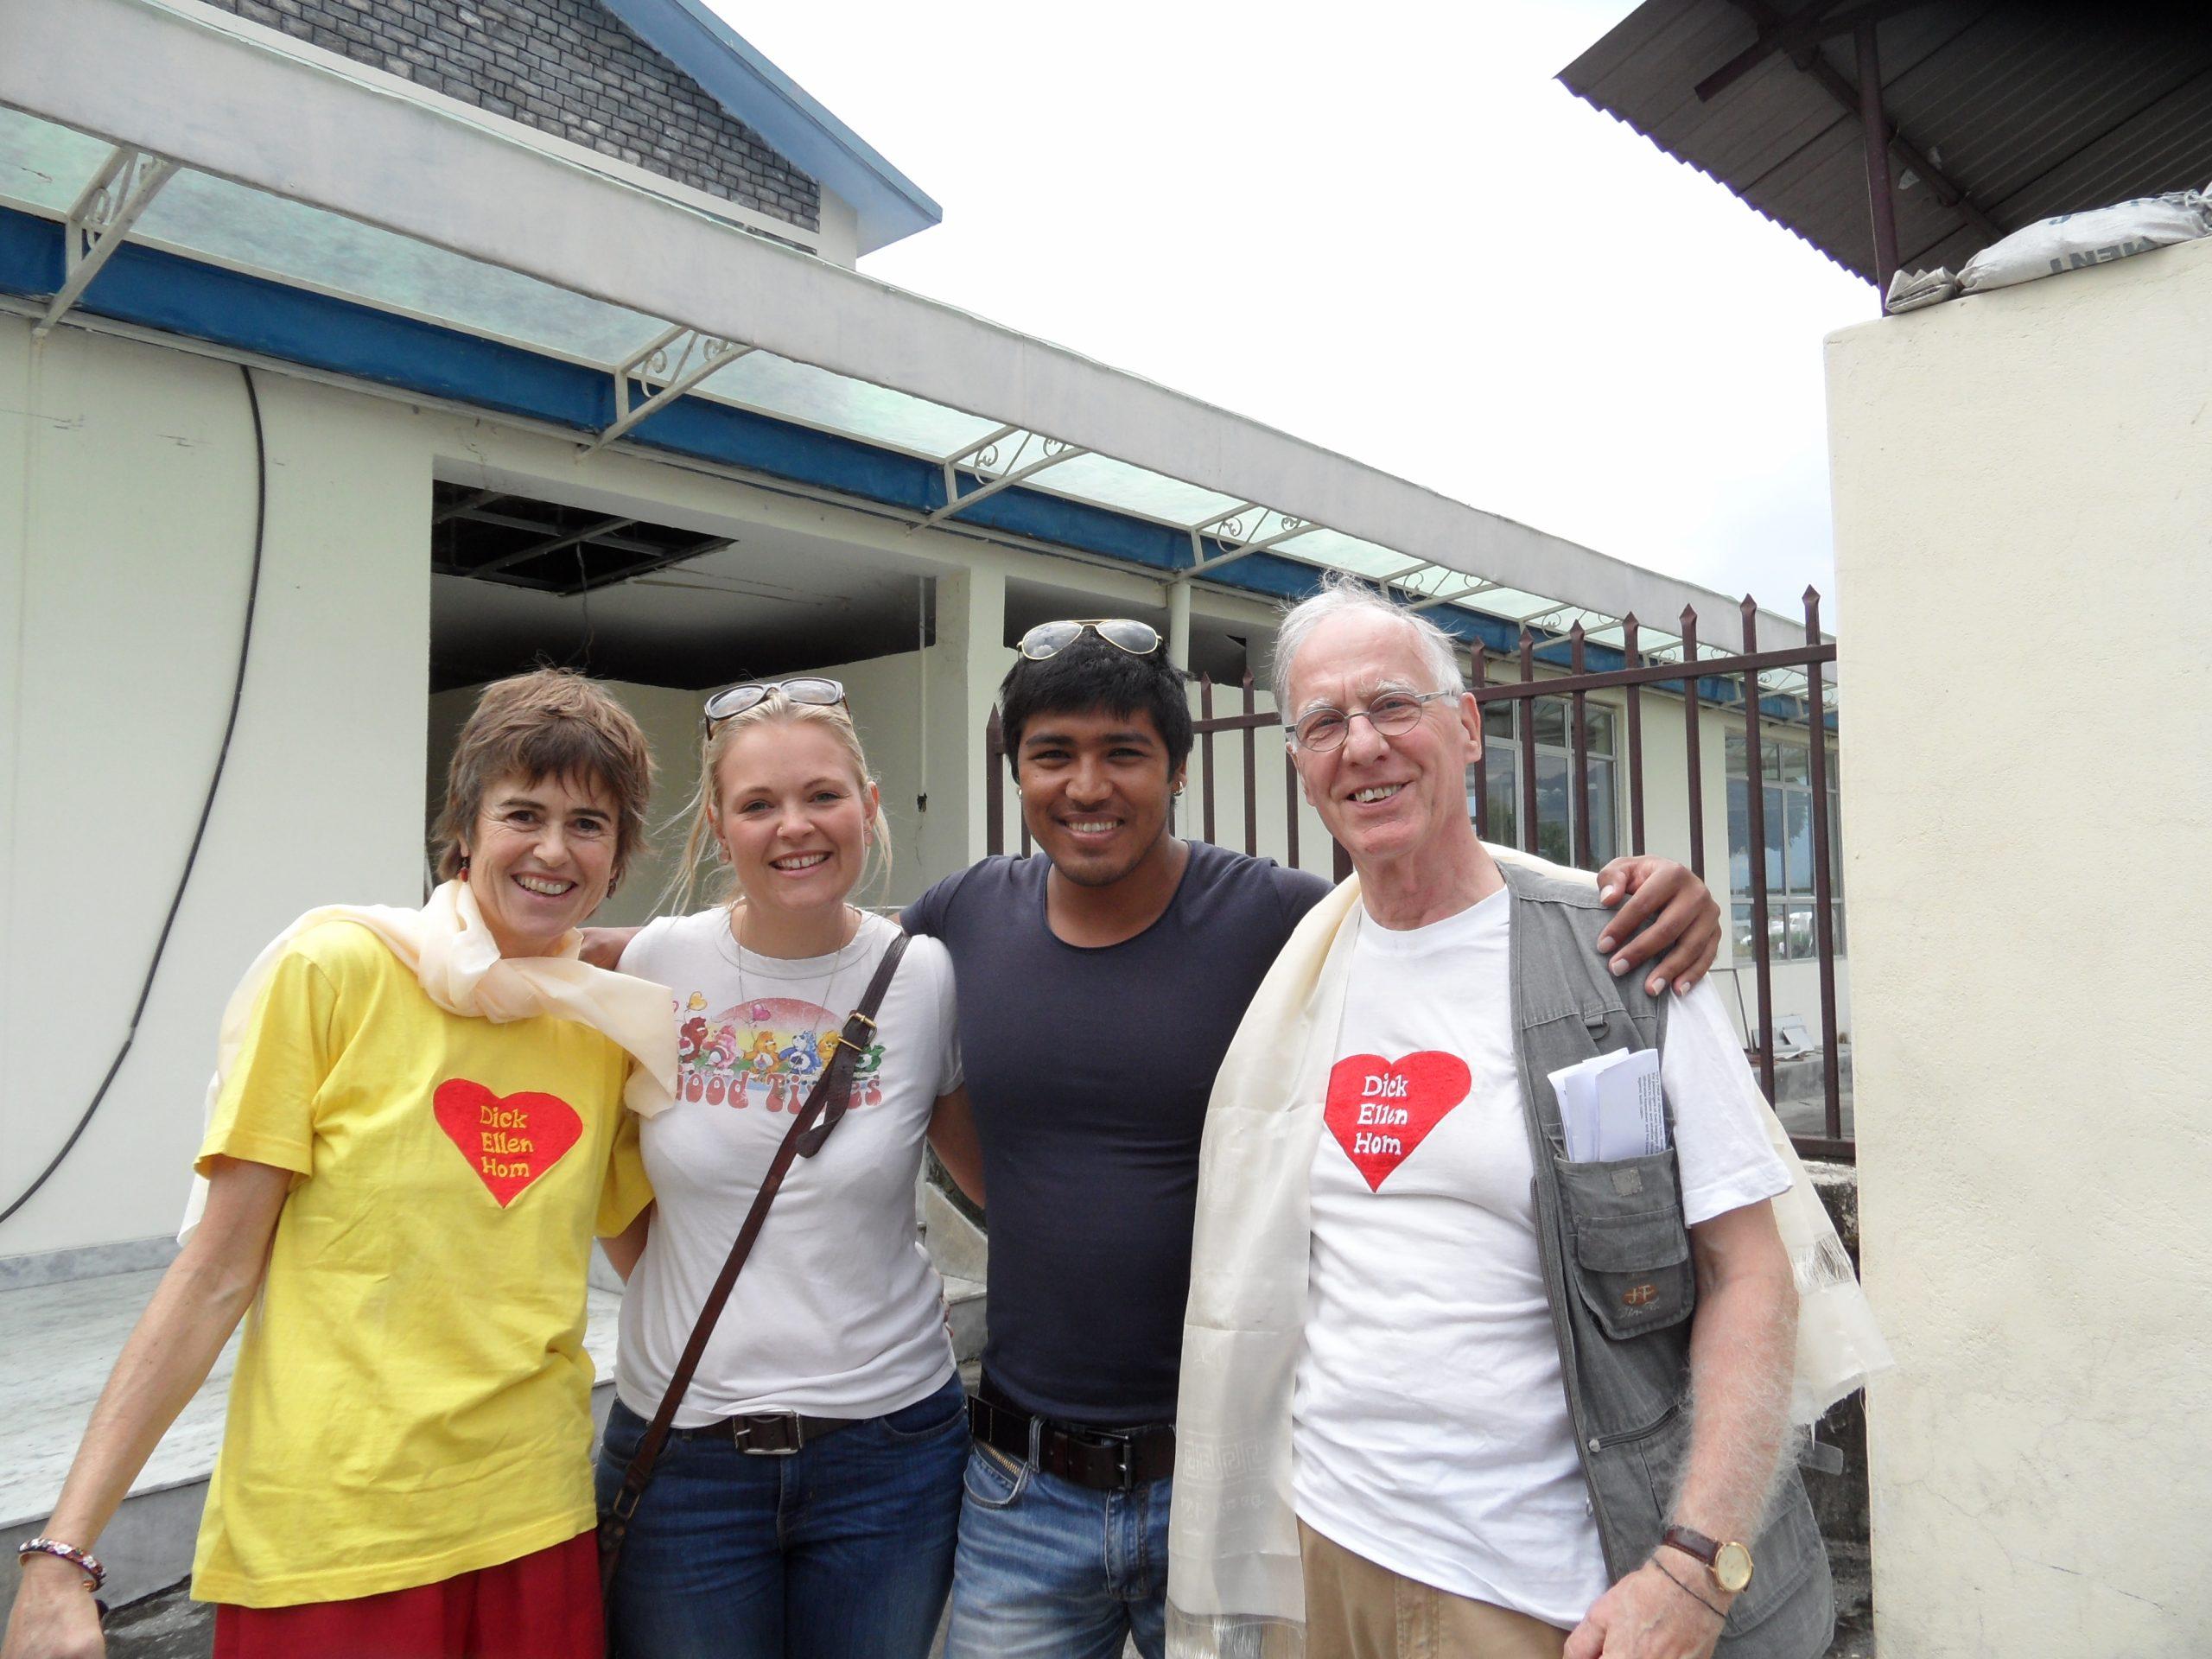 Van links naar rechts: Ellen, Lauren, Hom en Dick. Foto Dick Verstegen.